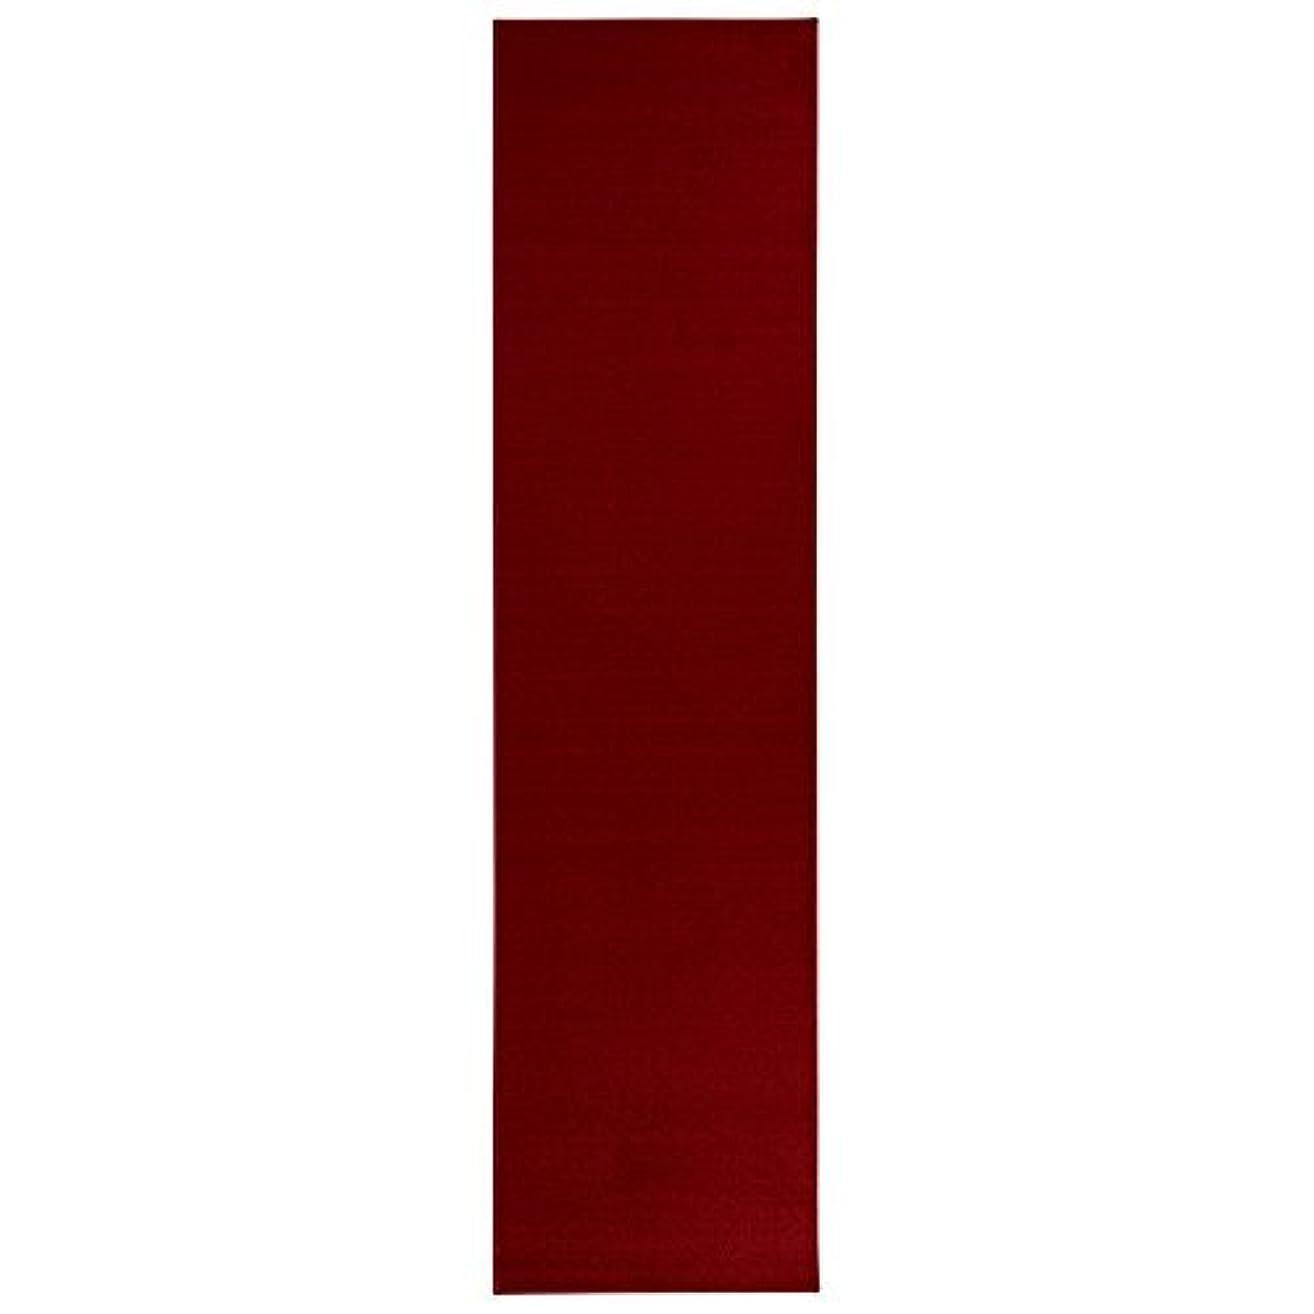 納税者創傷終点Sweet Home Stores Clifton Collection Solid Red Design Runner Rug [並行輸入品]